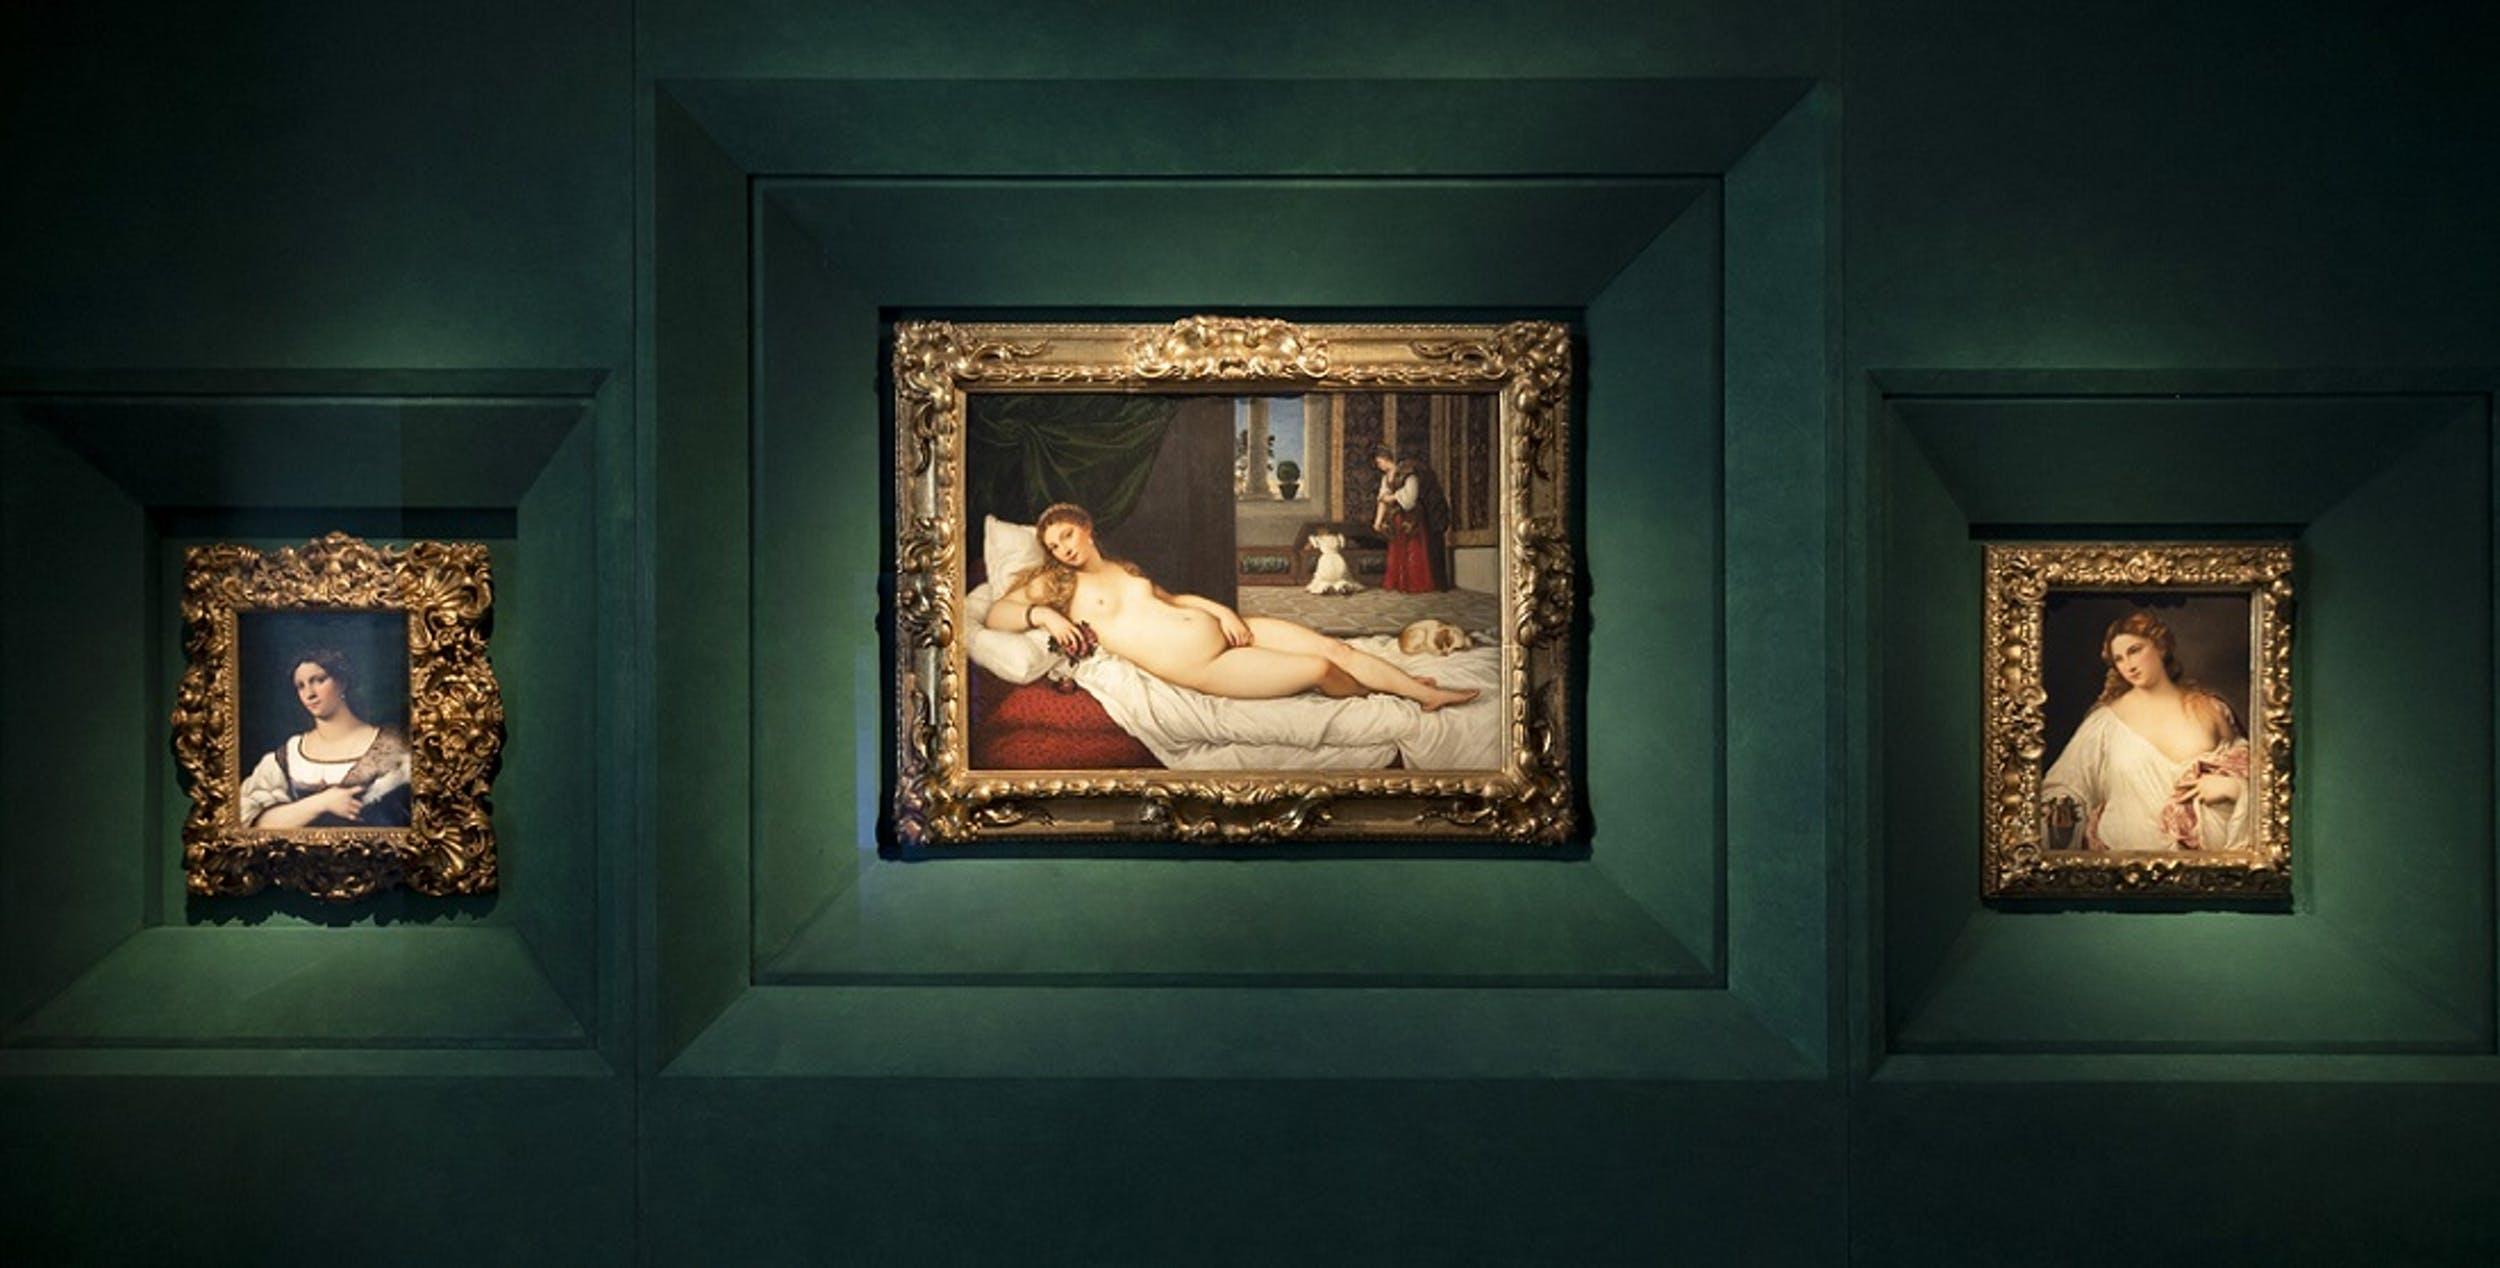 Venerdì 25 e martedì 29 ottobre – Galleria degli Uffizi, Sale dedicate al Cinquecento e Seicento